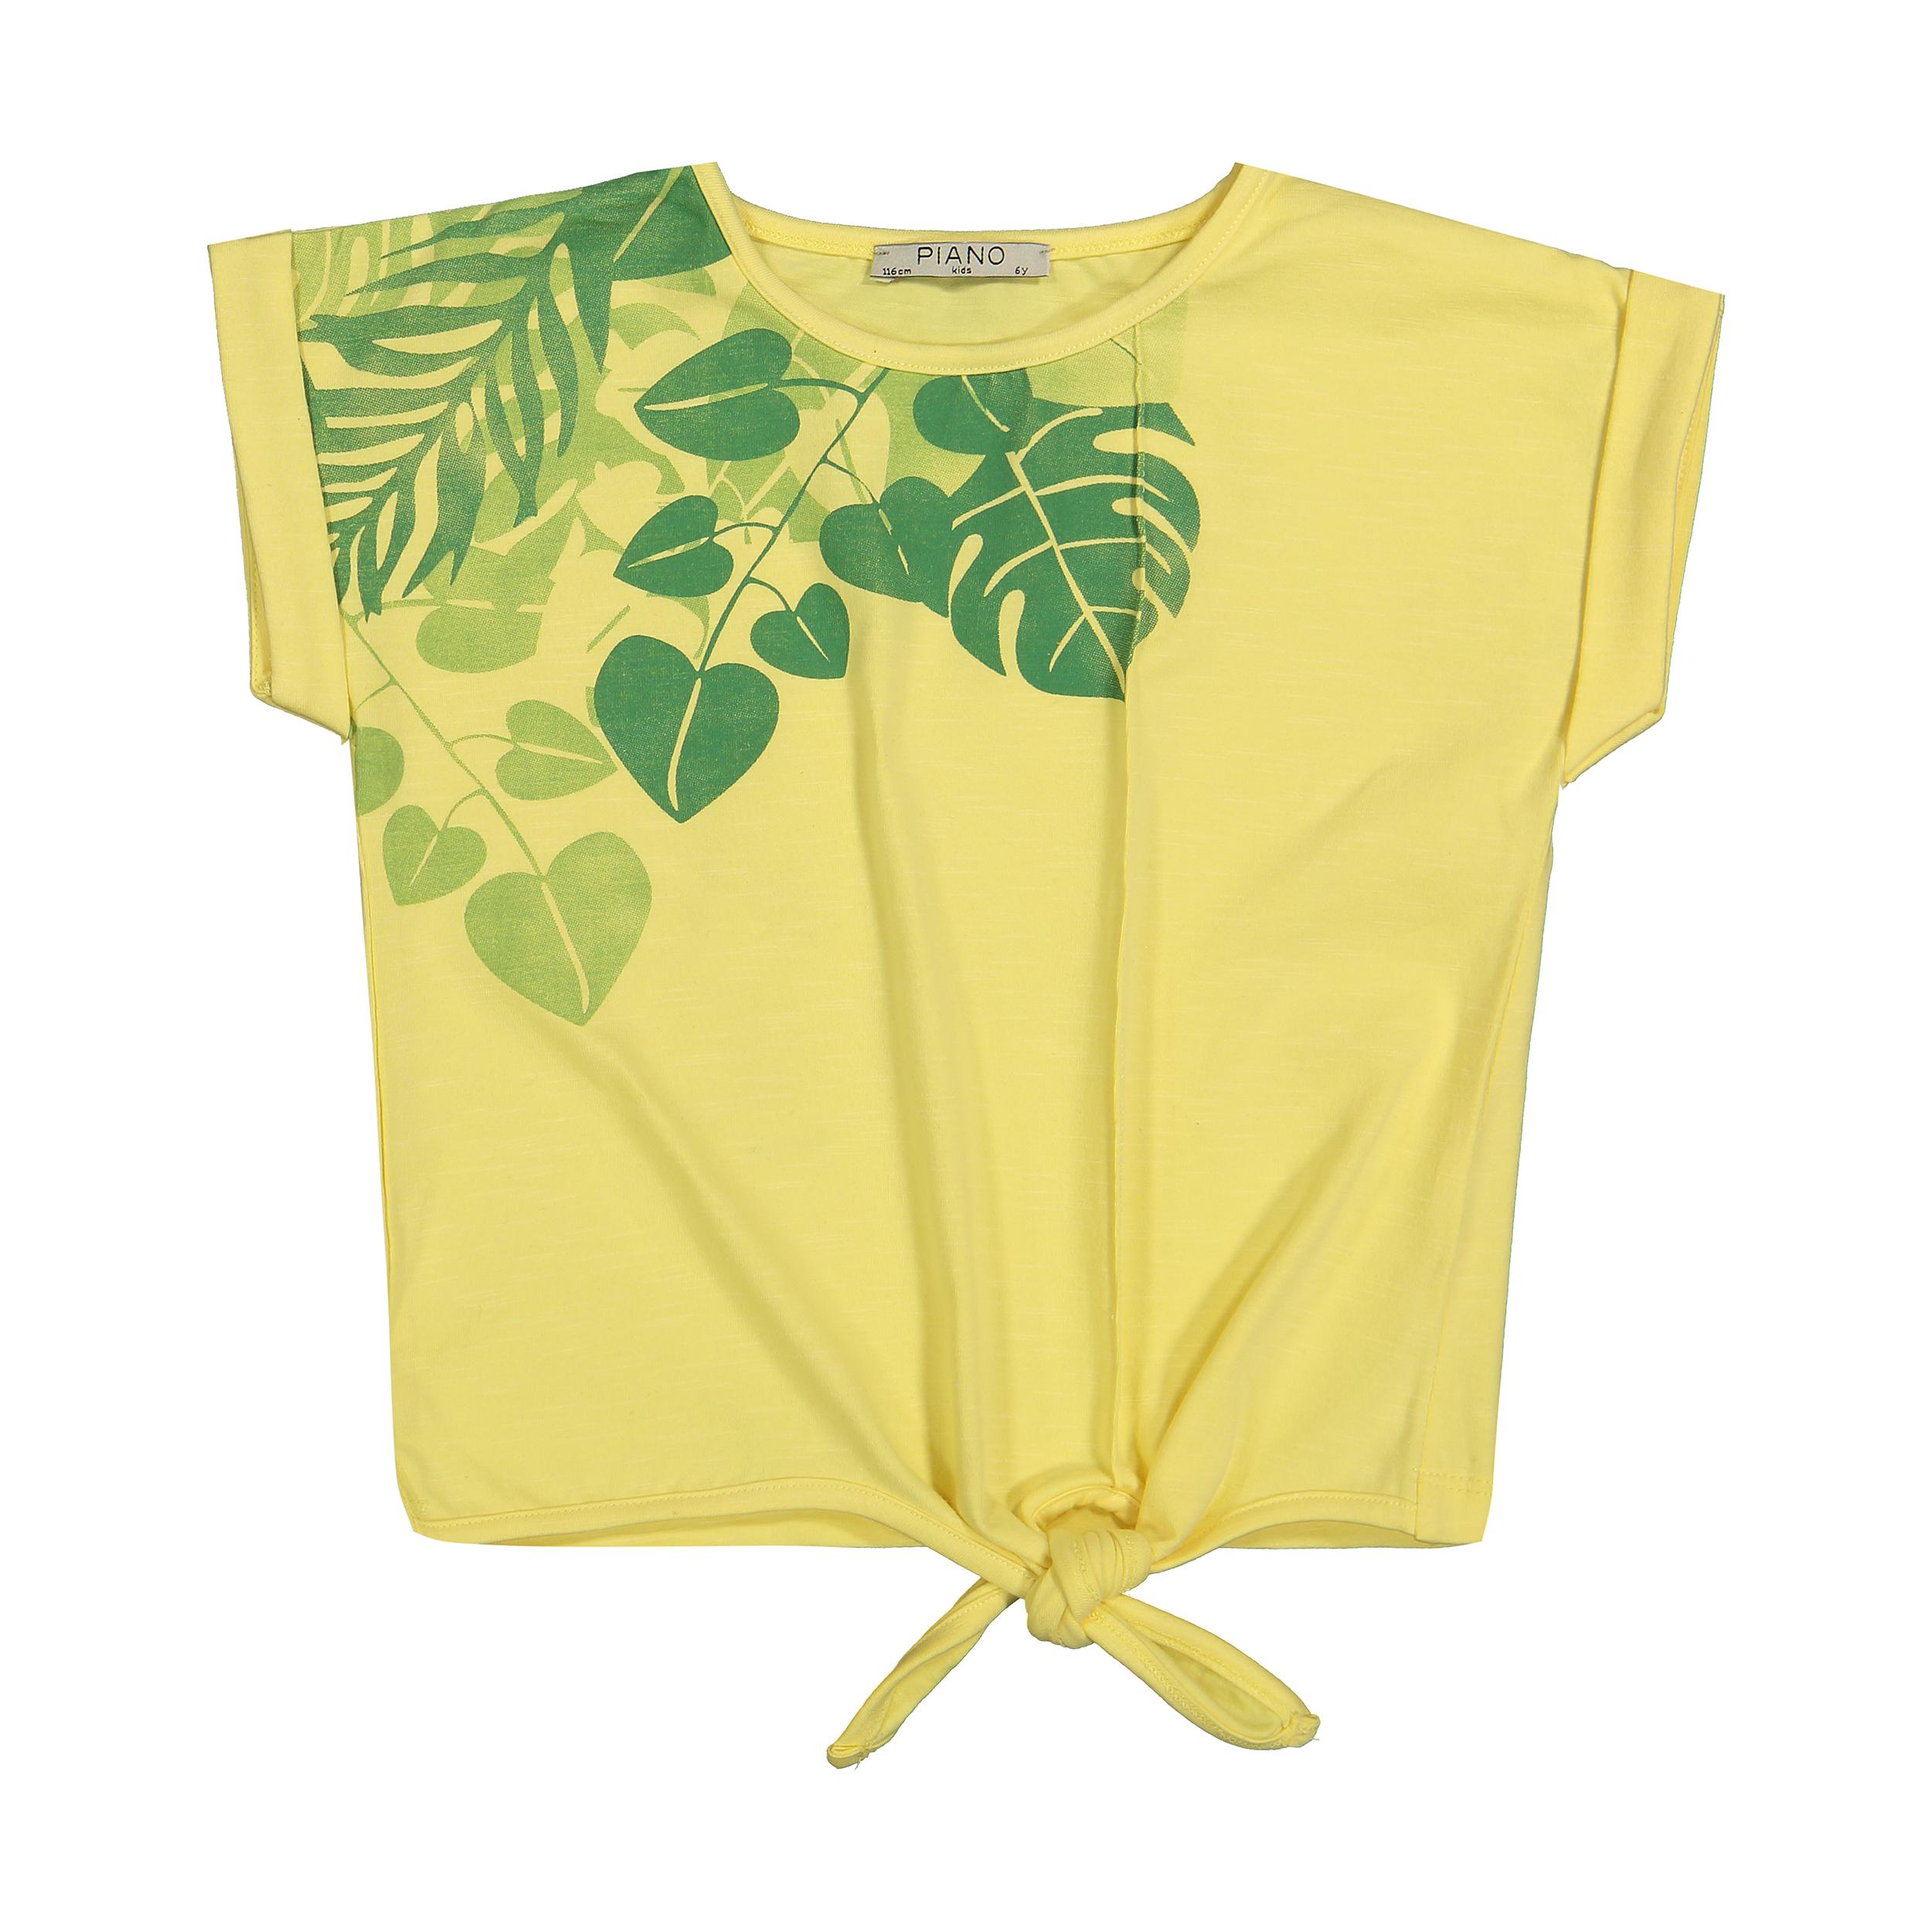 تی شرت دخترانه پیانو مدل 01403-16